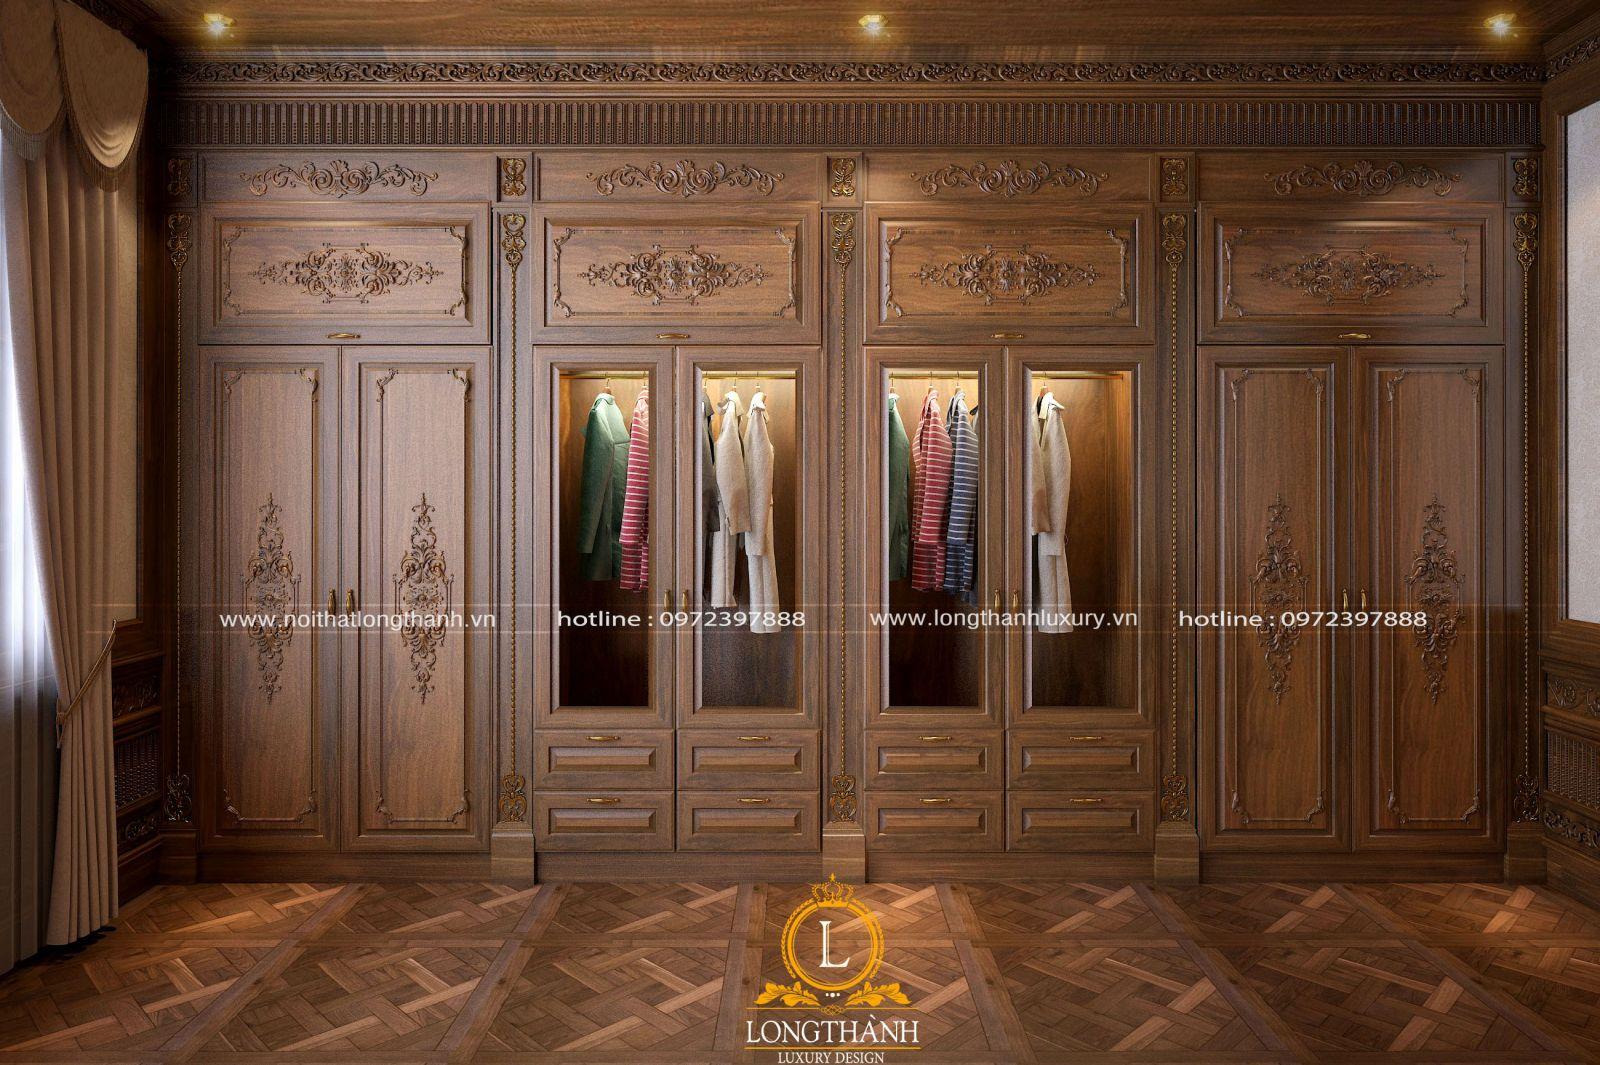 Tủ áo tân cổ điển cũng được trạm trổ cầu kỳ